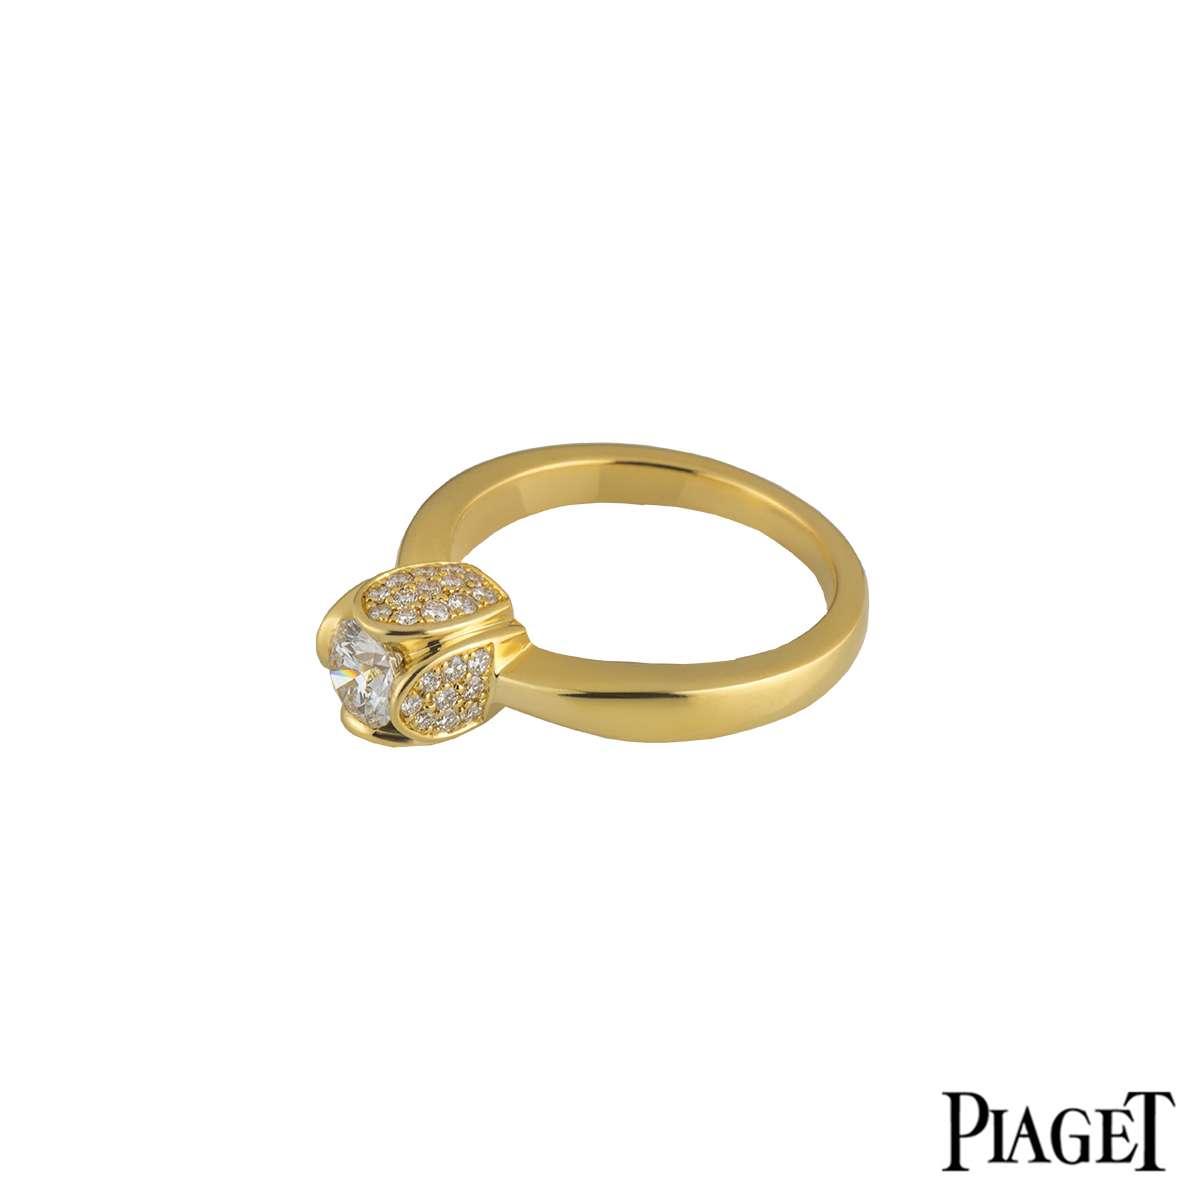 Piaget 18k Yellow Gold Engagement Ring